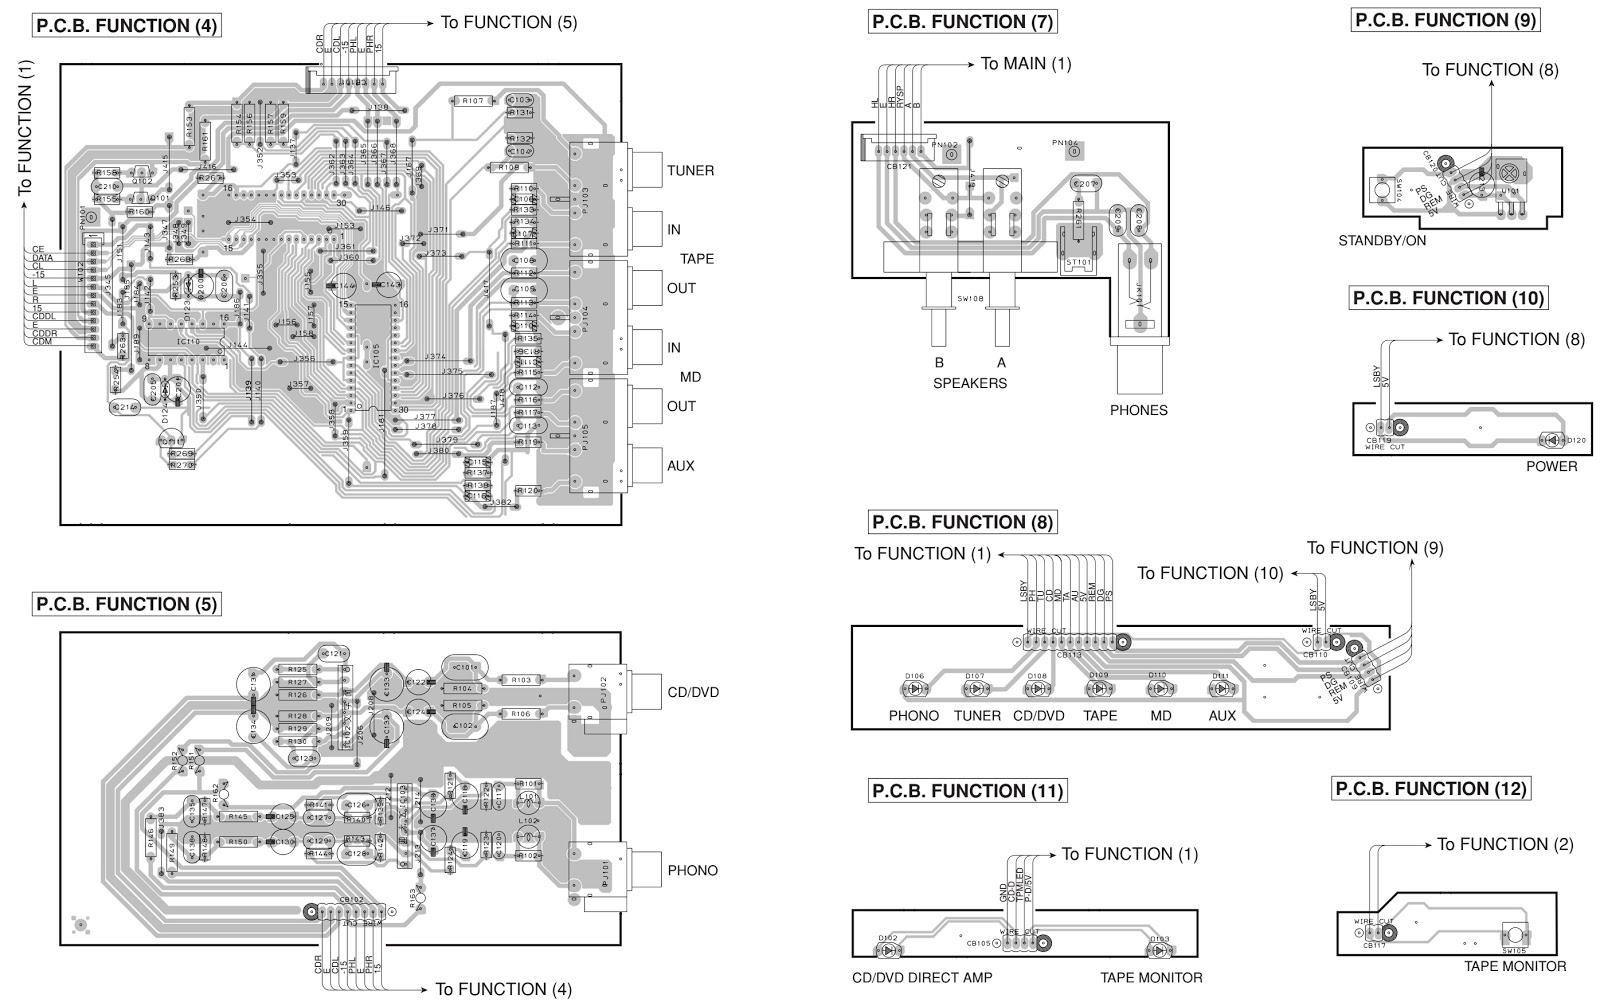 yamaha ax396 stereo amplifier circuit diagram yamaha guitar amp schematics yamaha yfz450 service manual [ 1600 x 1006 Pixel ]